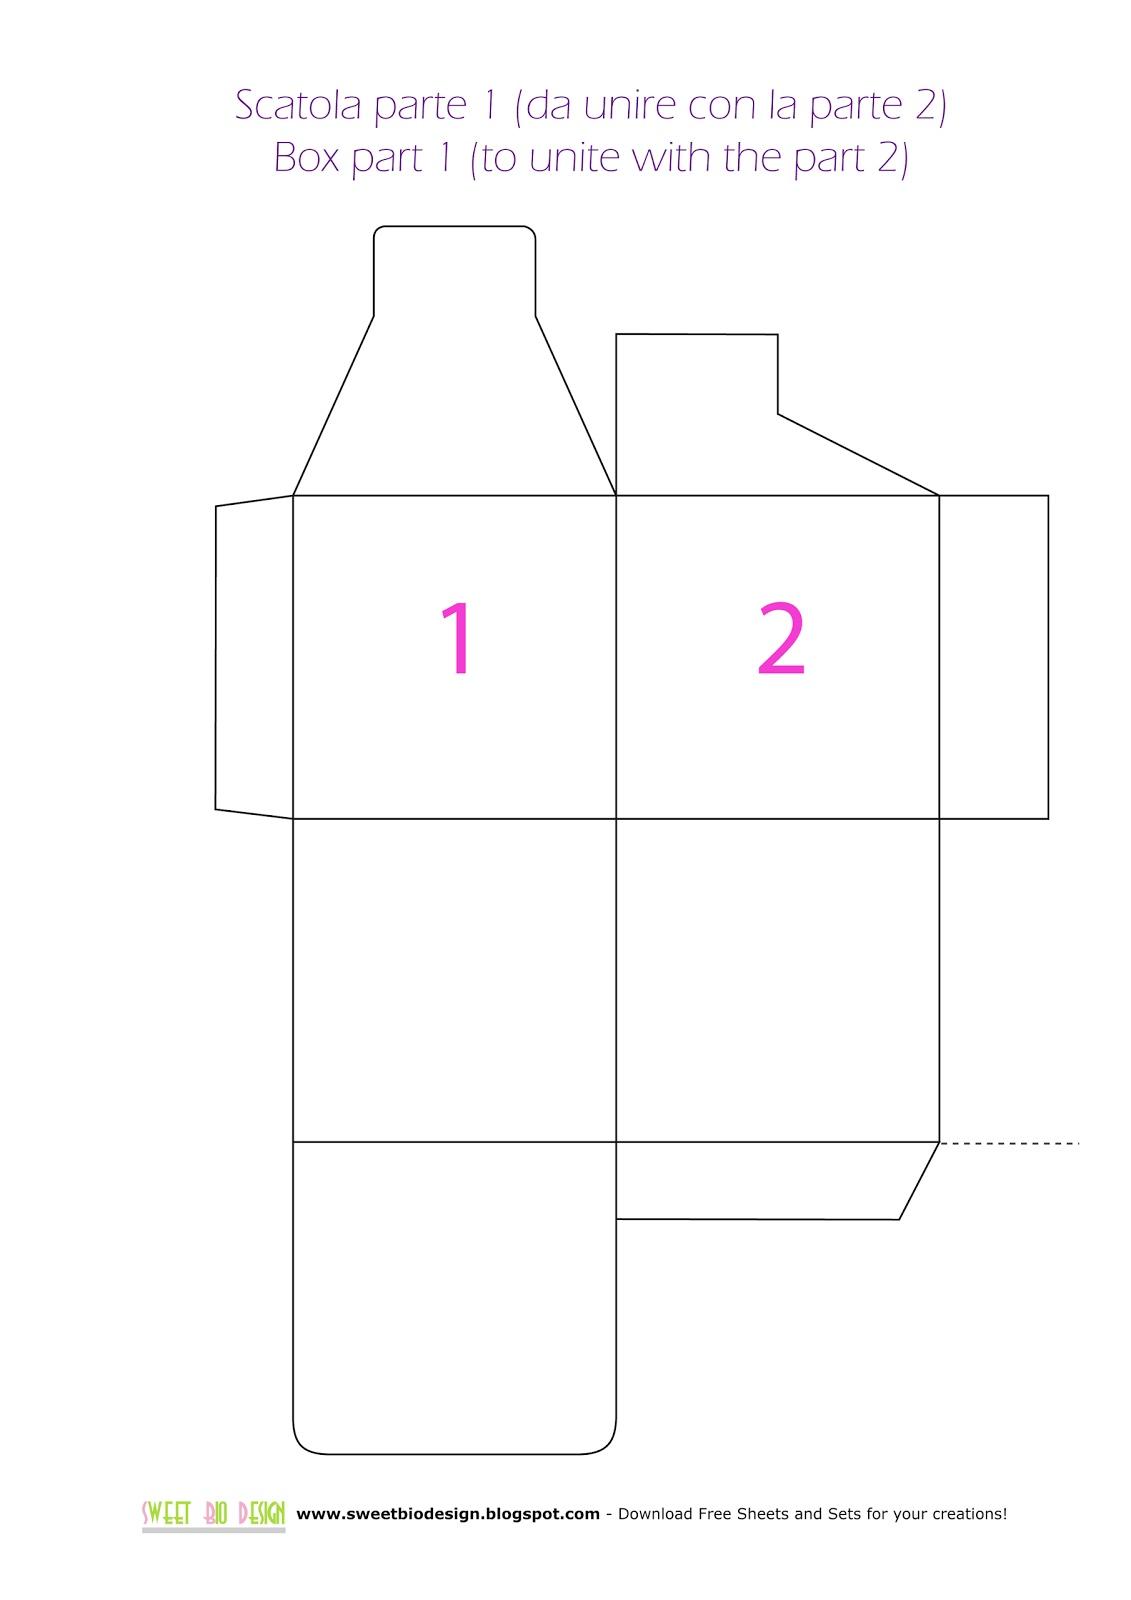 Sweet bio design tutorial scatolina di carta con for Come costruire i passaggi della scatola